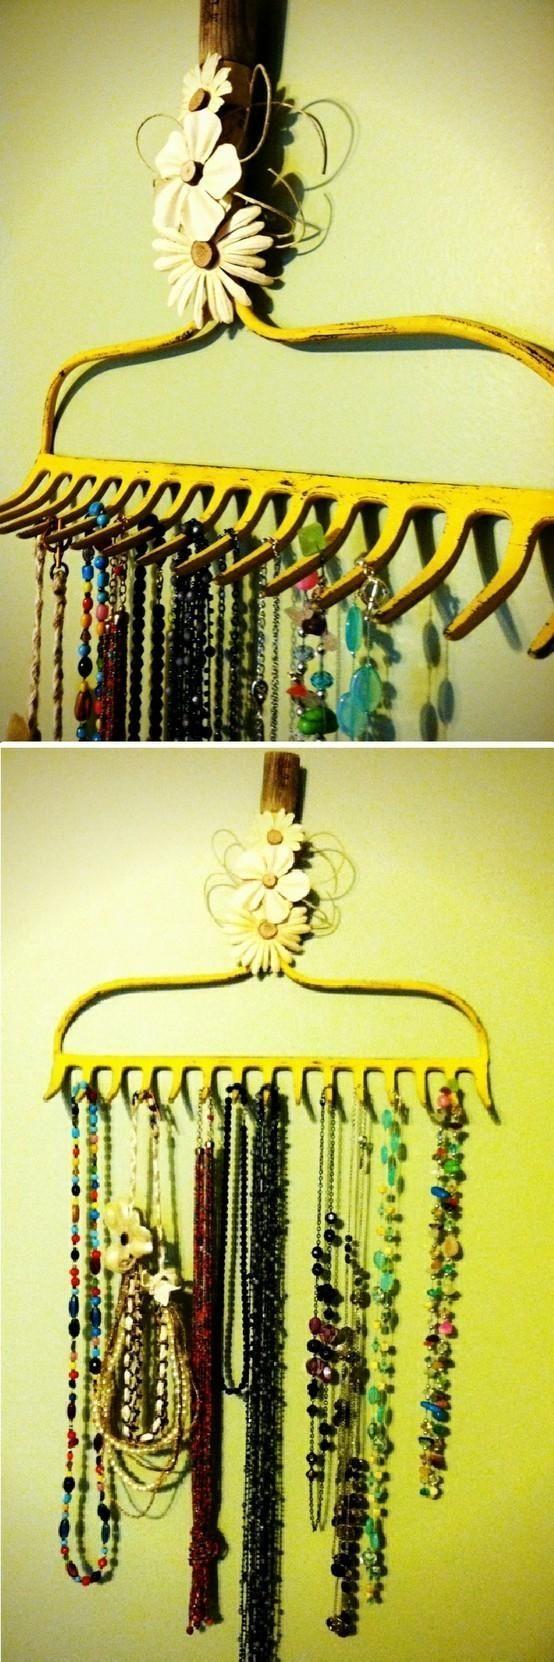 Rake Jewelry Holder by Hercio Dias